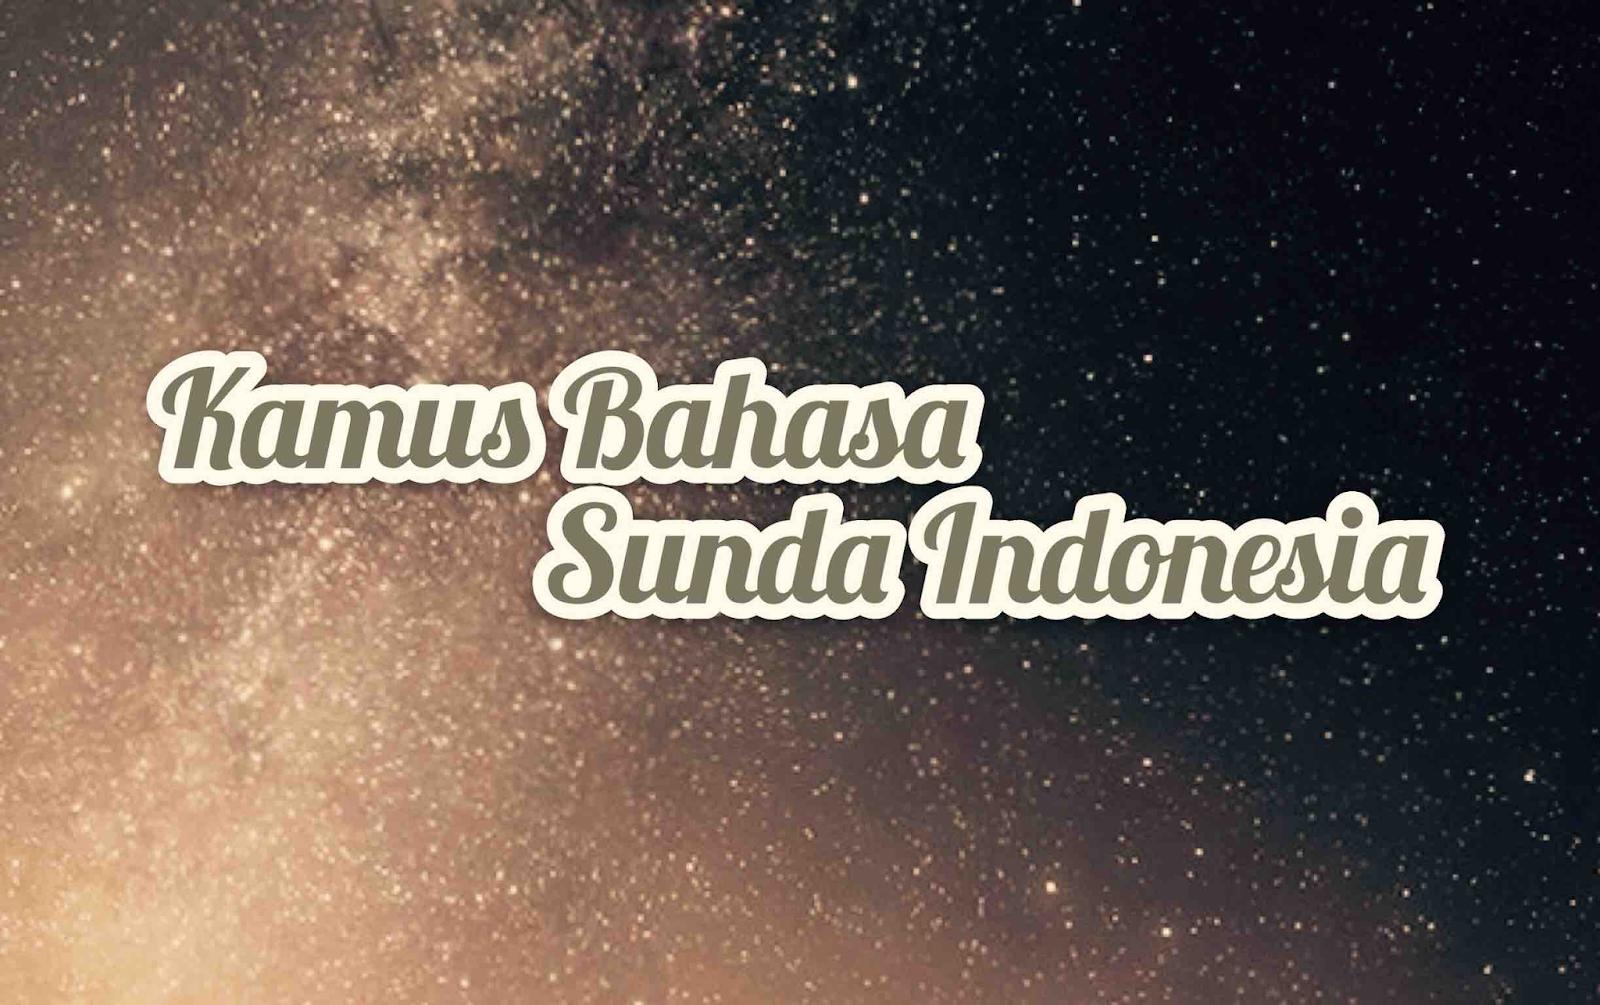 Kamus Sunda Abjad B Ngawalon